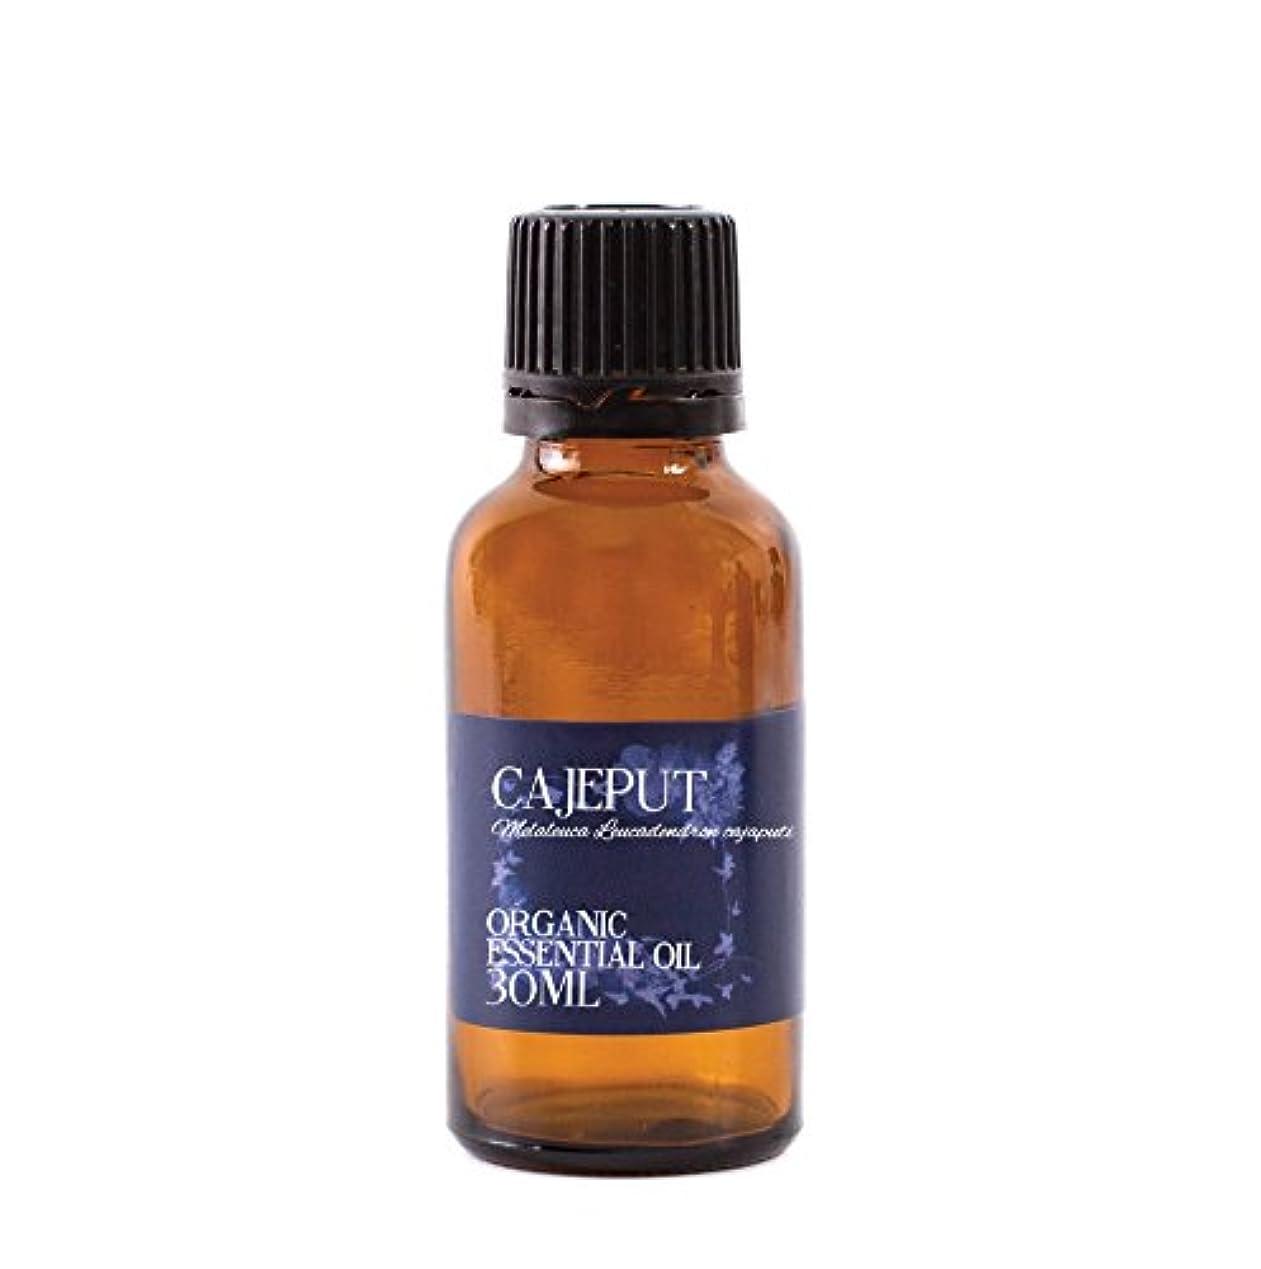 アクセス活気づけるマスクMystic Moments | Cajeput Organic Essential Oil - 30ml - 100% Pure